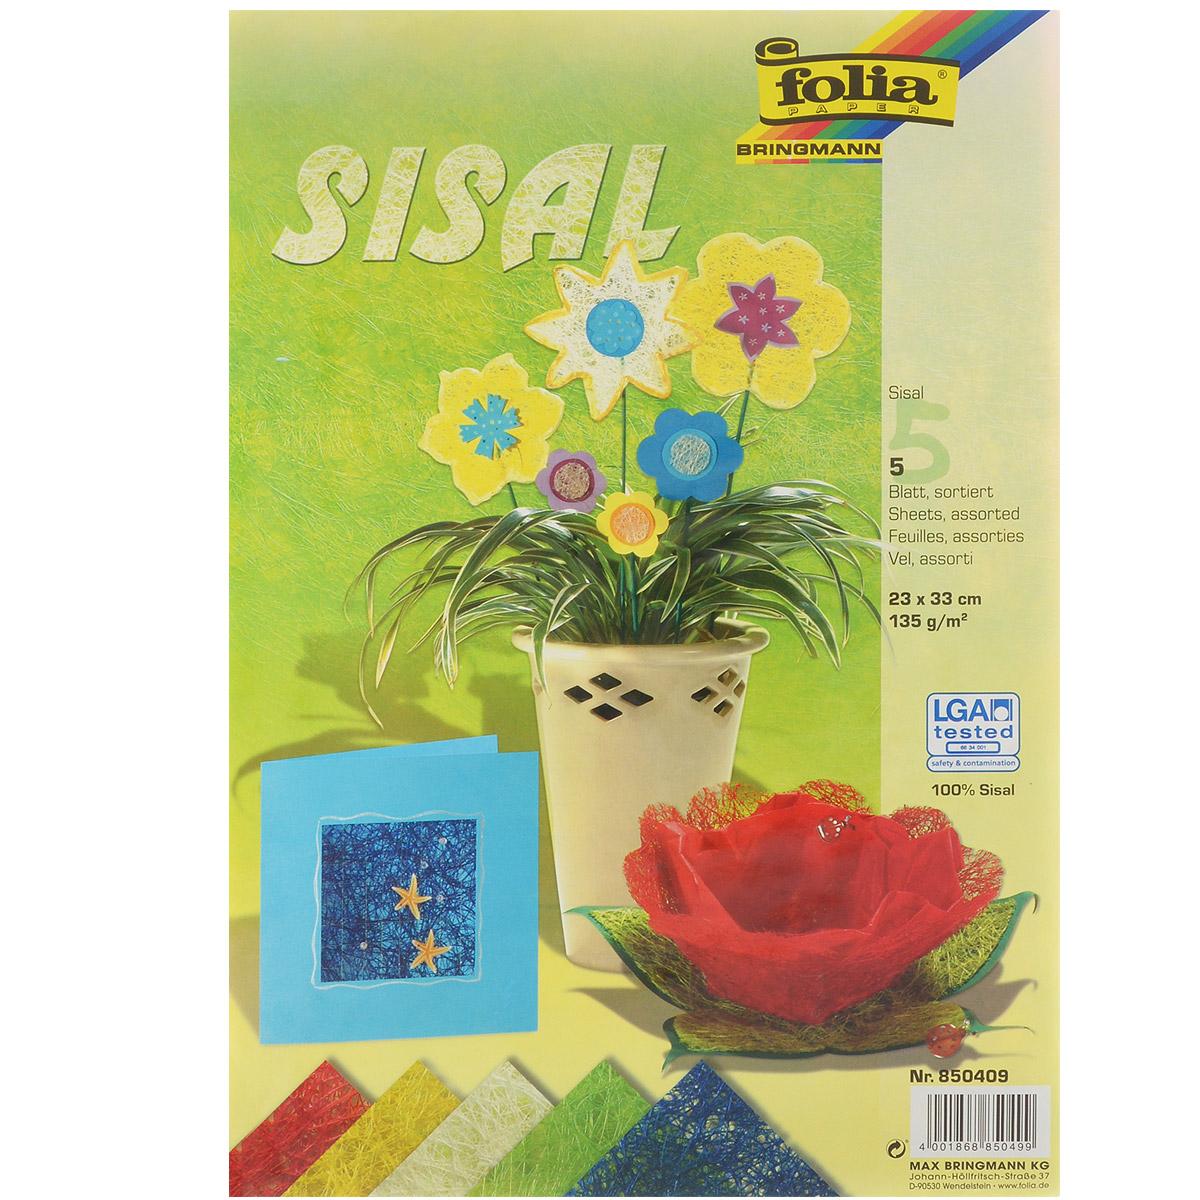 Сизаль листовой Folia, 23 х 33 см, 5 листов. 77080947708094Листовой сизаль Folia является необыкновенным аксессуаром для флористики и упаковки подарков. Это тонкие, прочные волокна, которые изготовляют из листьев агавы. В комплекте - 5 листов сизаля: желтого, зеленого, синего, красного и молочного цветов. Сизаль окрашивается в различные цвета и затем из его волокон плетут декоративные веревки, украшают металлические каркасы для букетов, используют его в изготовлении корзин. В подарочной упаковке сизаль удачно используют в изготовлении оригинального оберточного материала. Также сизаль используют как наполнитель в коробках. Во многих флористических композициях сизаль создает легкое облако над букетом, придавая воздушность и свежесть цветам. В рождественских декорациях сизаль подчеркивает зимнее настроение коллекций. Такой материал можно комбинировать с различными аксессуарами, как с природными - веточки, шишки, скорлупа, кора, перья так и с искусственными - стразы, бисер, бусины. Уникальная токая структура волокон...